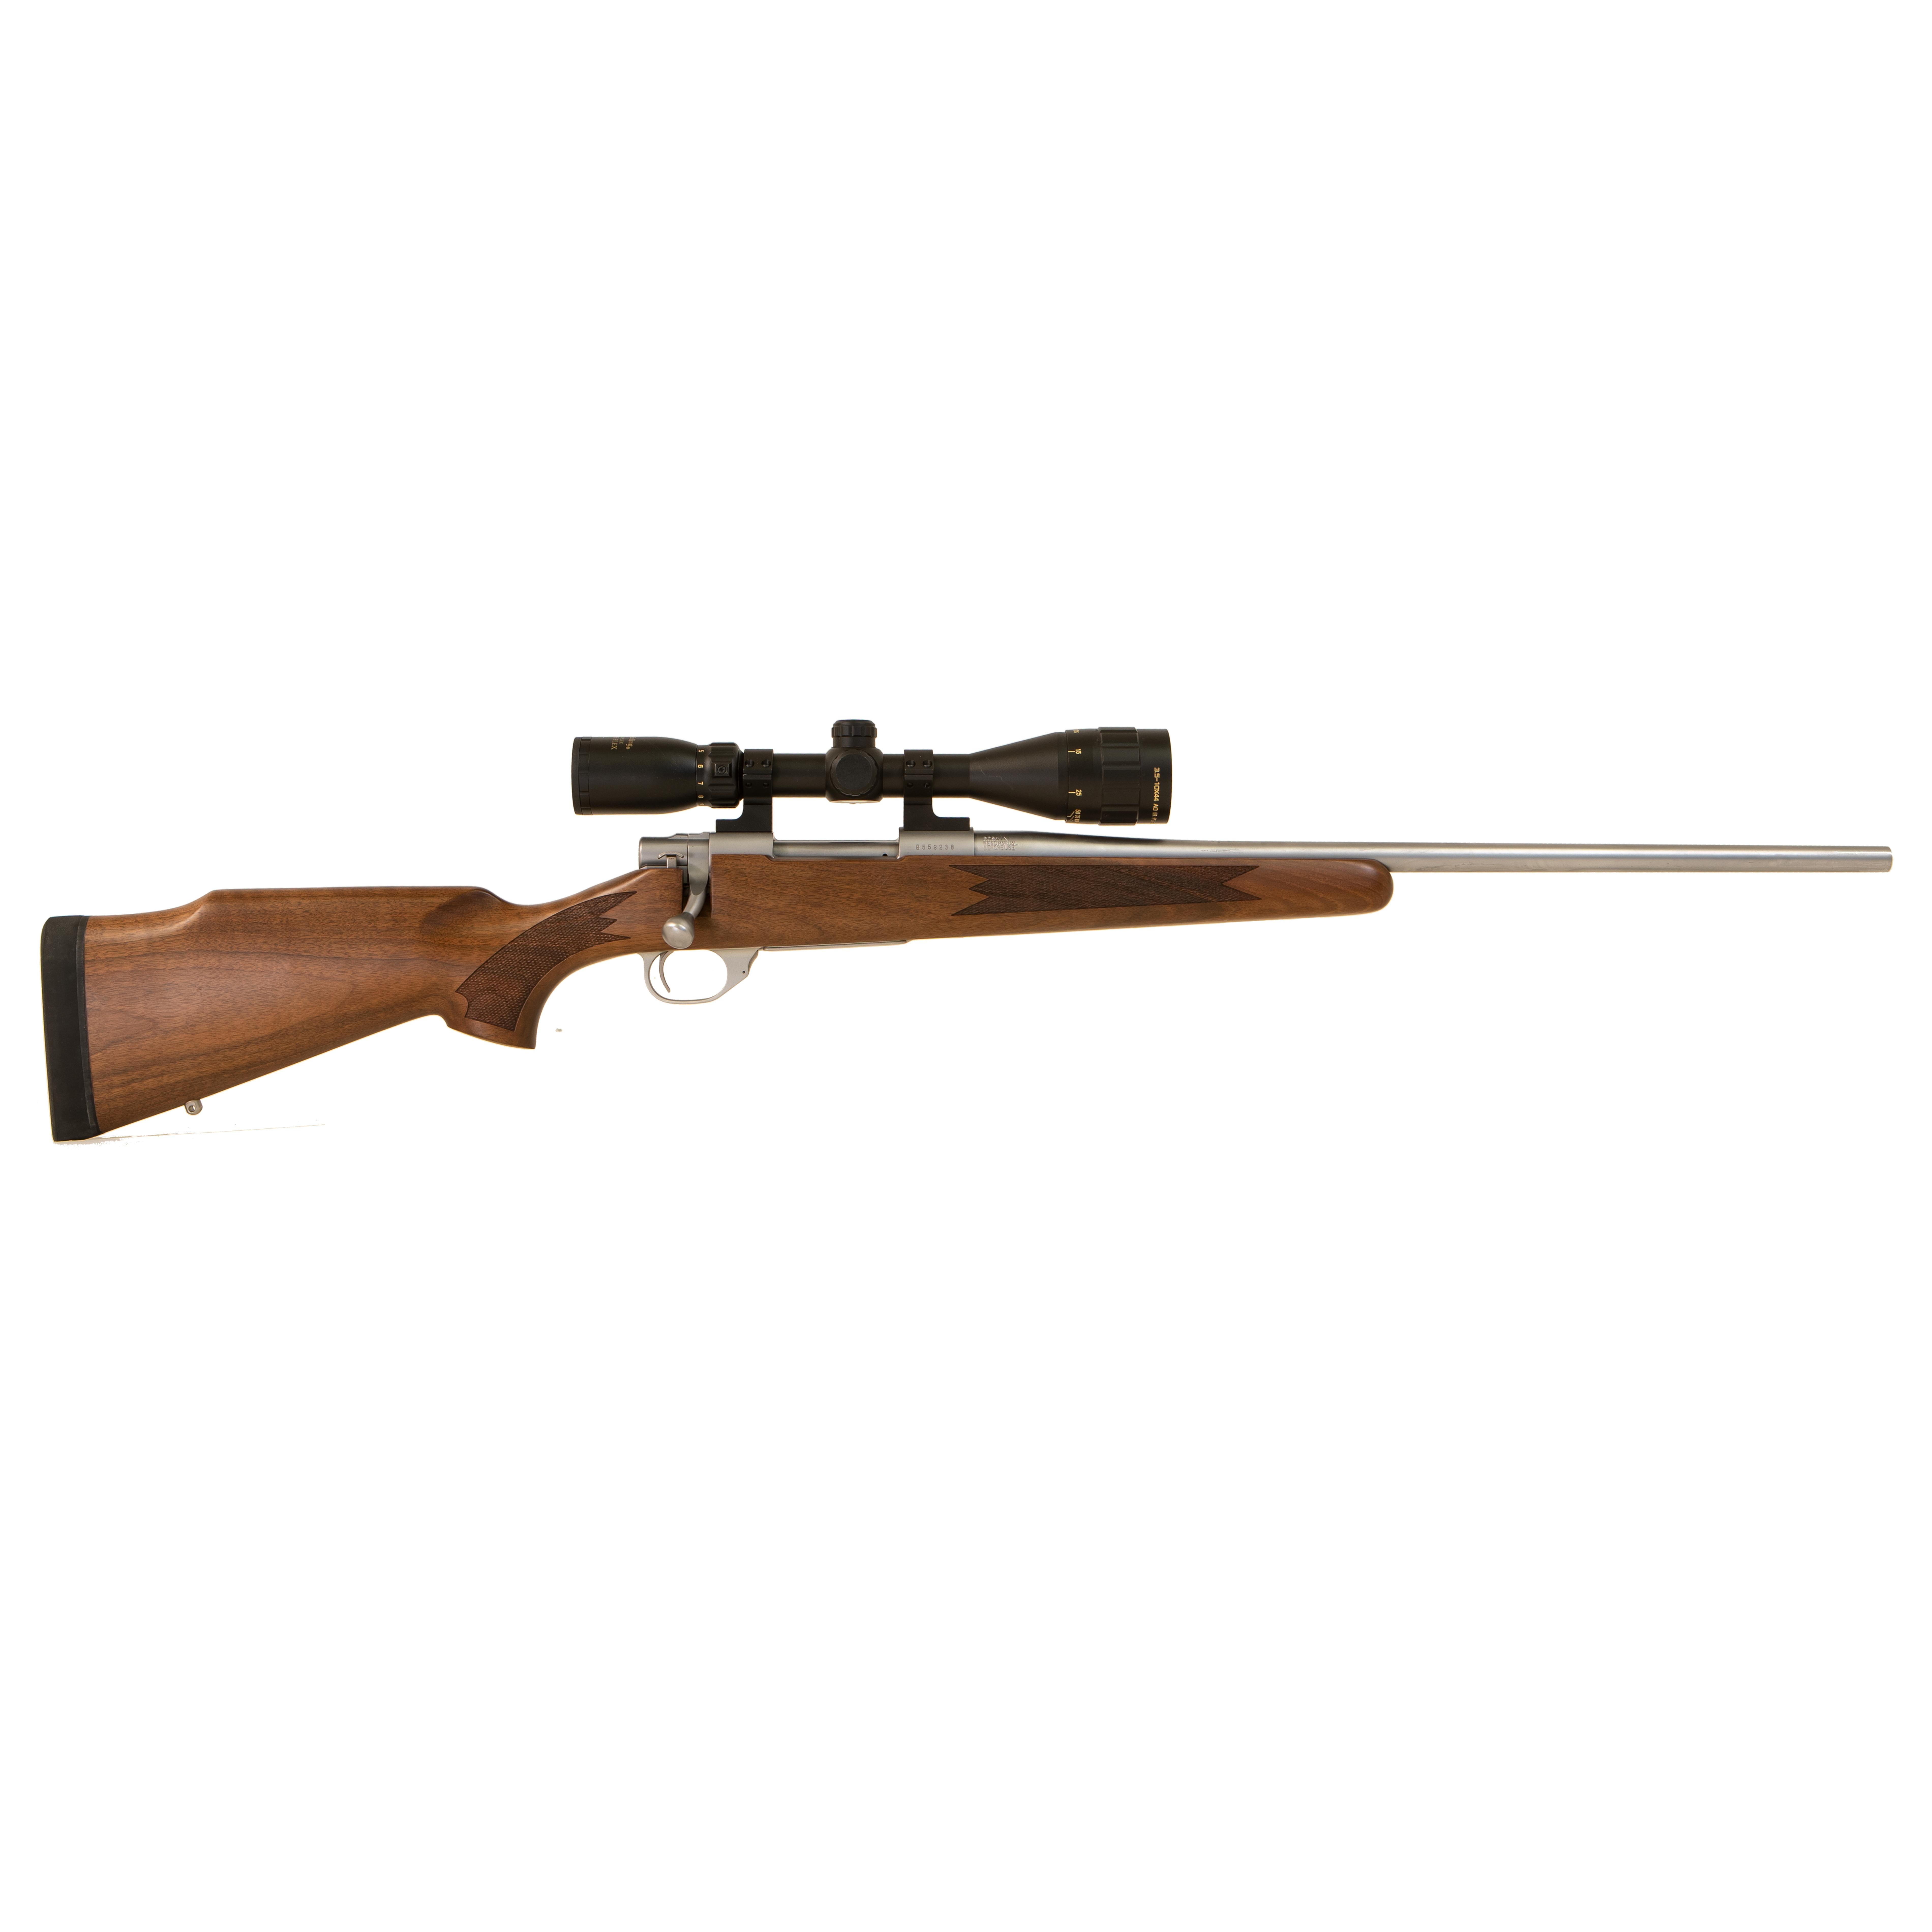 HOWA M1500 WALNUT HUNTER 6.5 CREEDMOOR